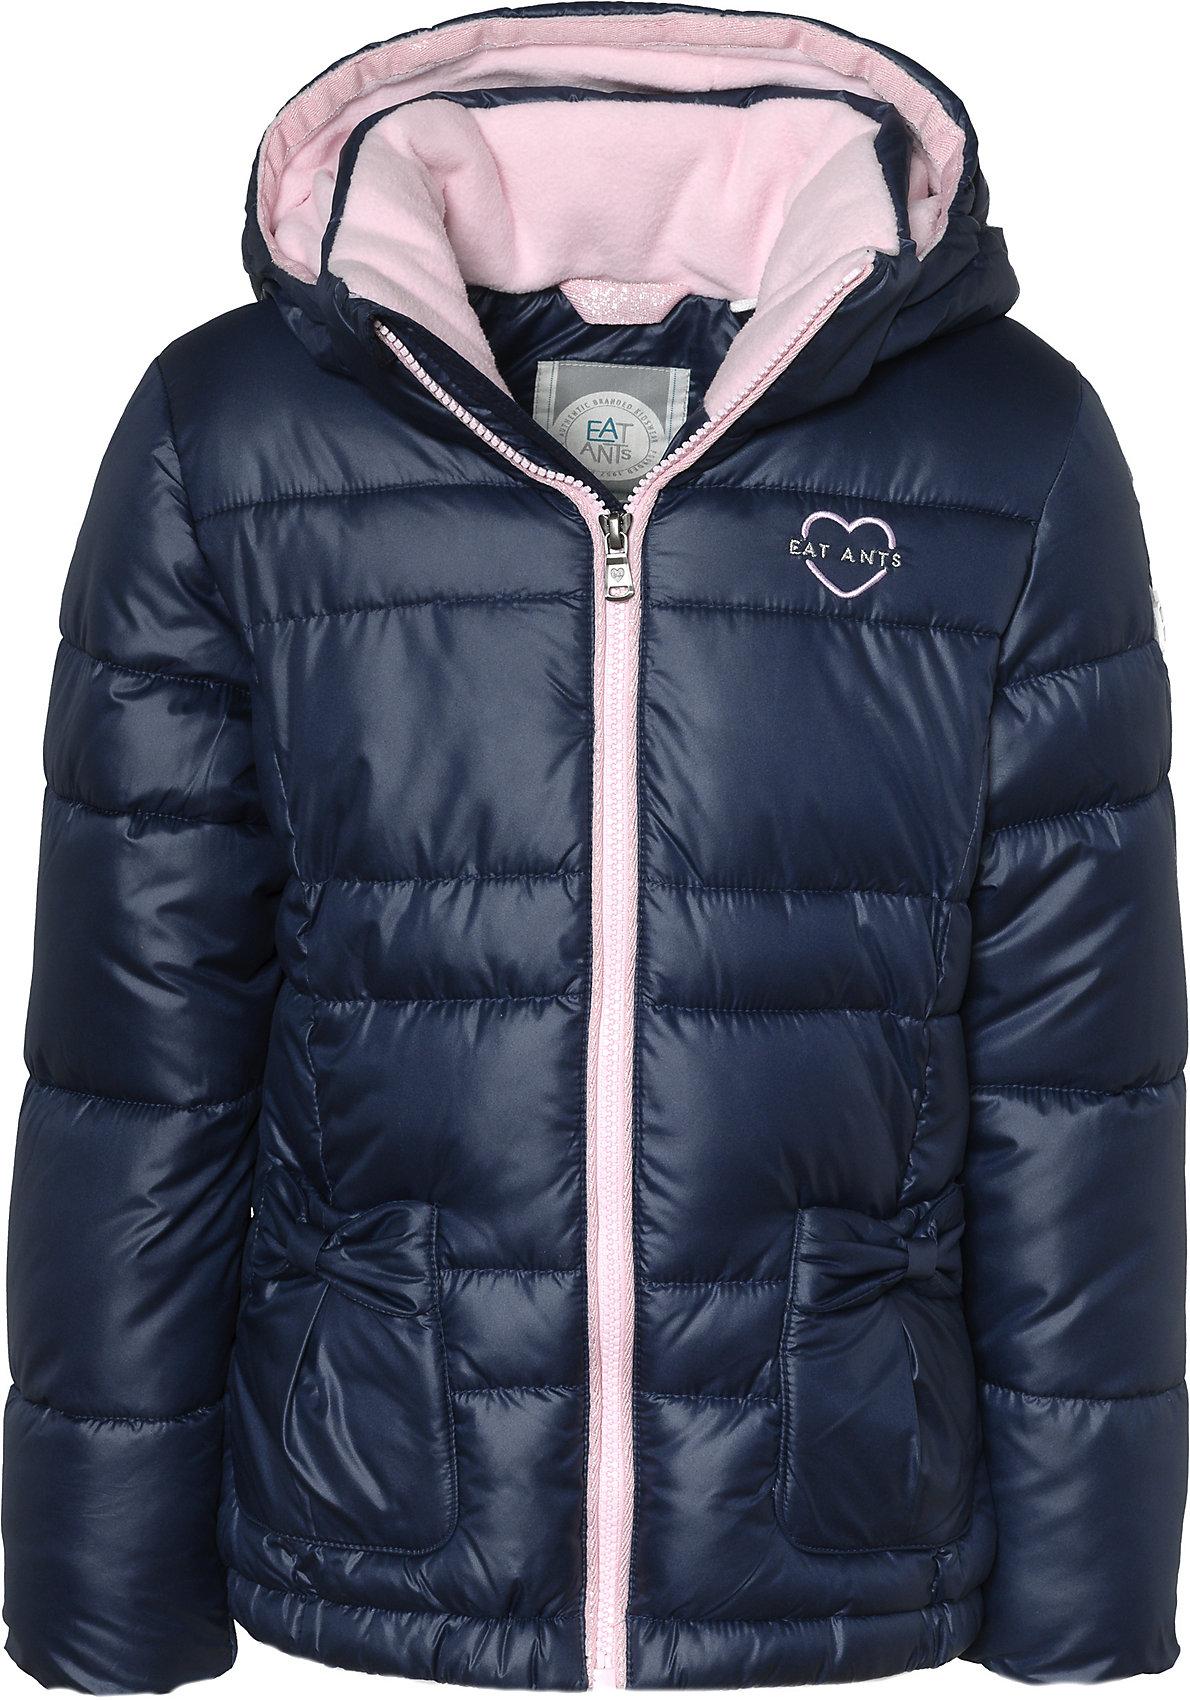 wholesale dealer 89789 ffba9 Details zu Neu Eat Ants BY SANETTA Winterjacke für Mädchen 8807476 für  Mädchen blau